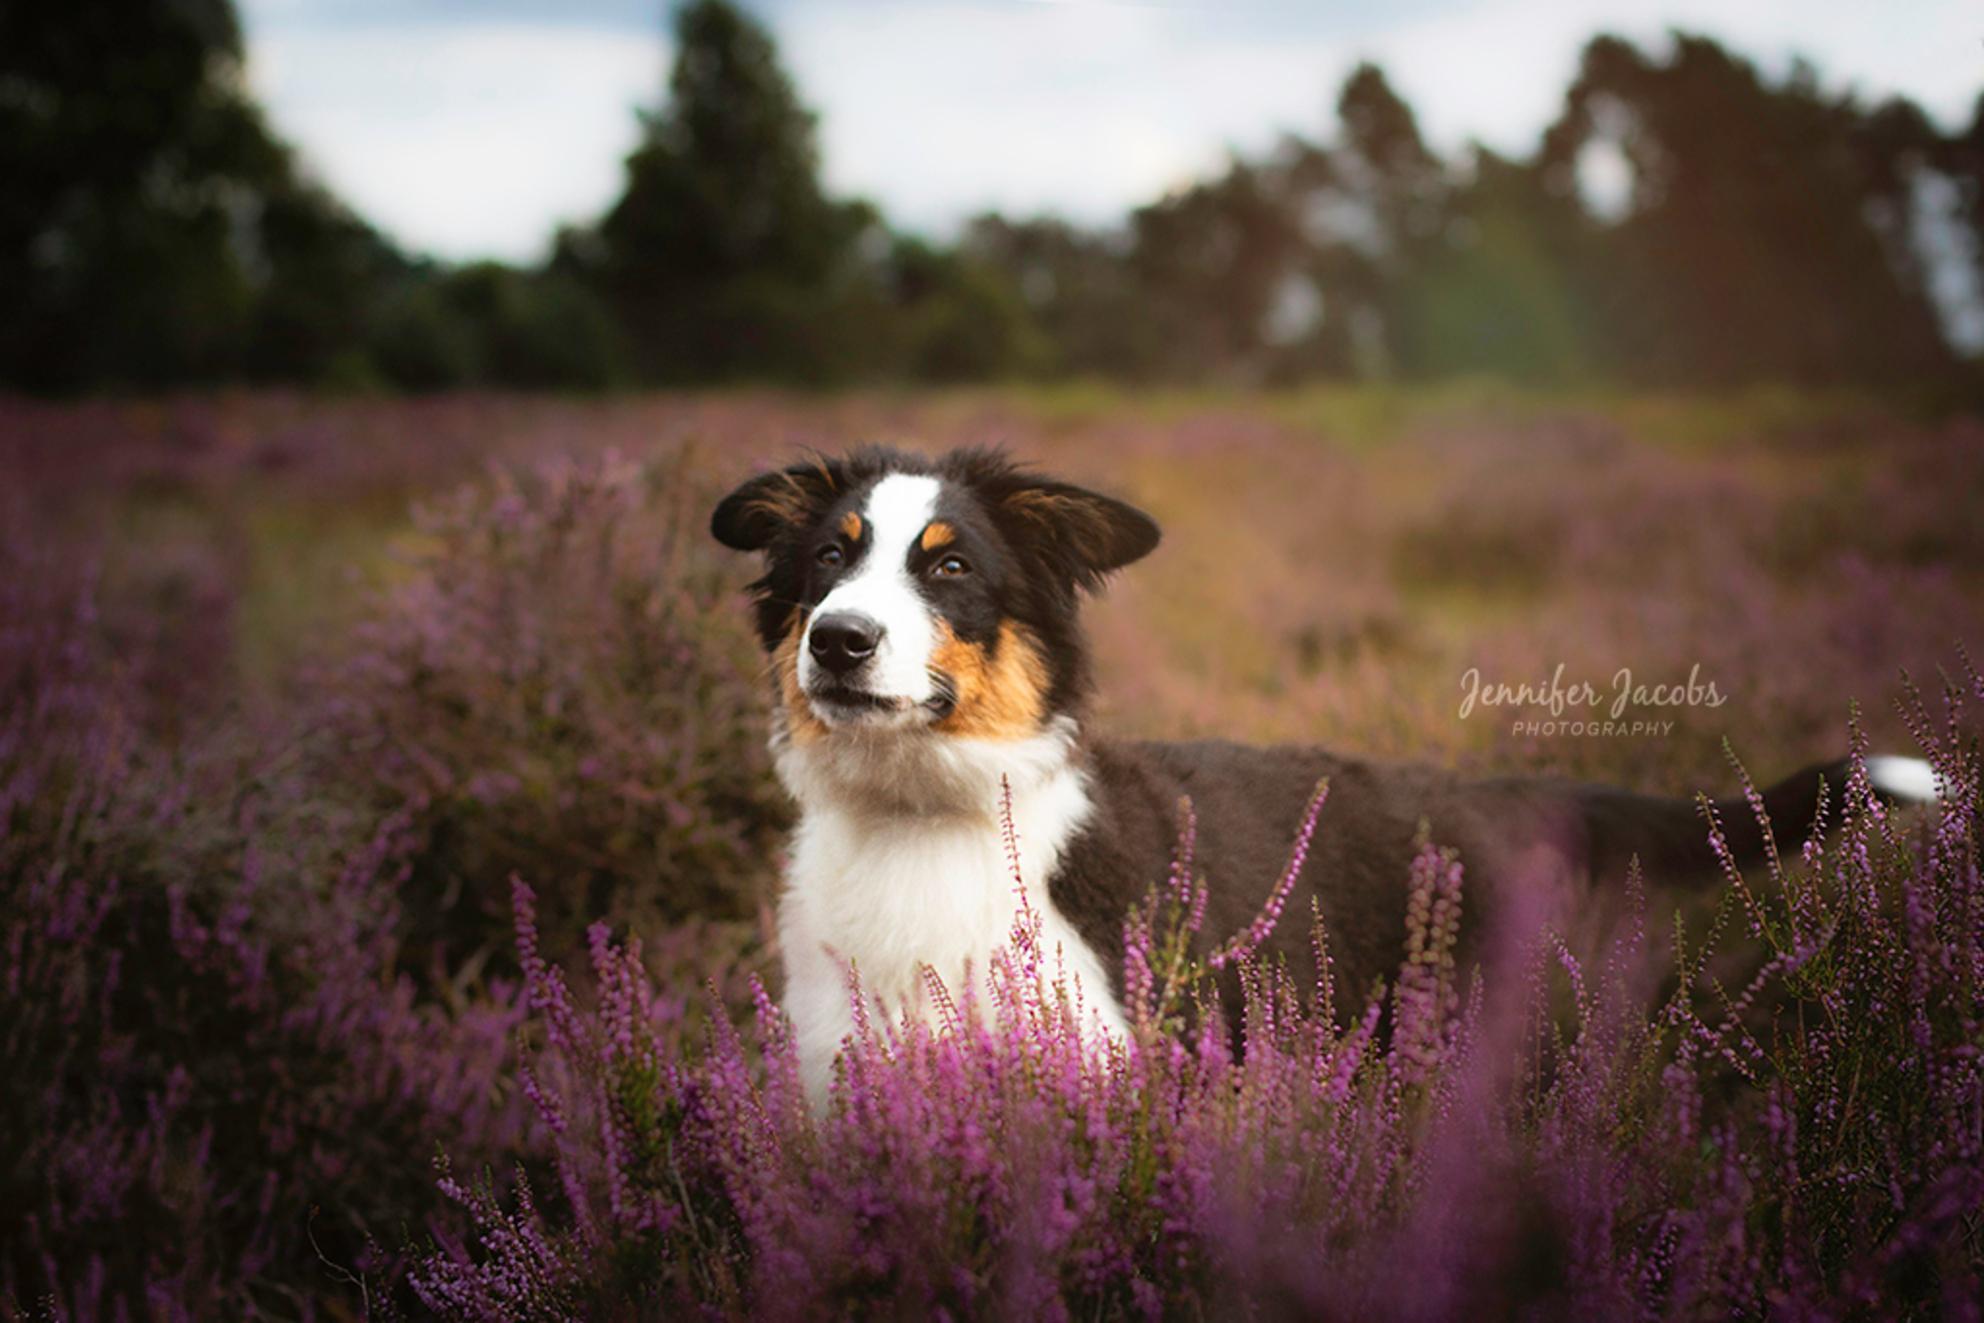 Odin the Dog - 5,5 jaar geleden gestopt met fotografie, omdat ik er geen plezier meer in had door externe factoren. Sinds kort een puppy genaamd Odin in huis en mis - foto door smurfkuh op 02-09-2020 - deze foto bevat: dieren, hond, hei, puppy, Strabrechtse heide - Deze foto mag gebruikt worden in een Zoom.nl publicatie